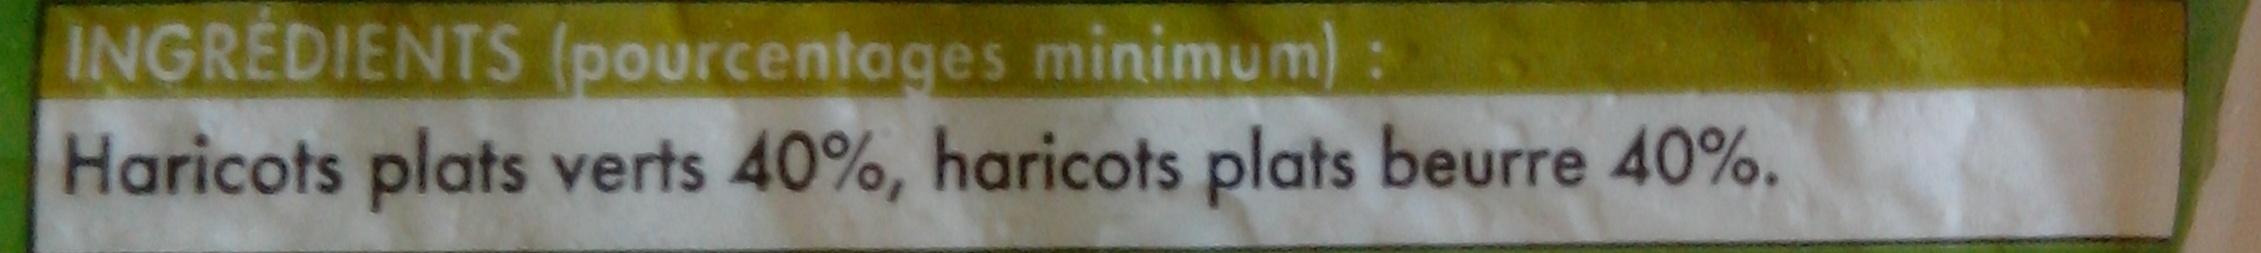 Duo de haricots plats coupés - Ingrédients